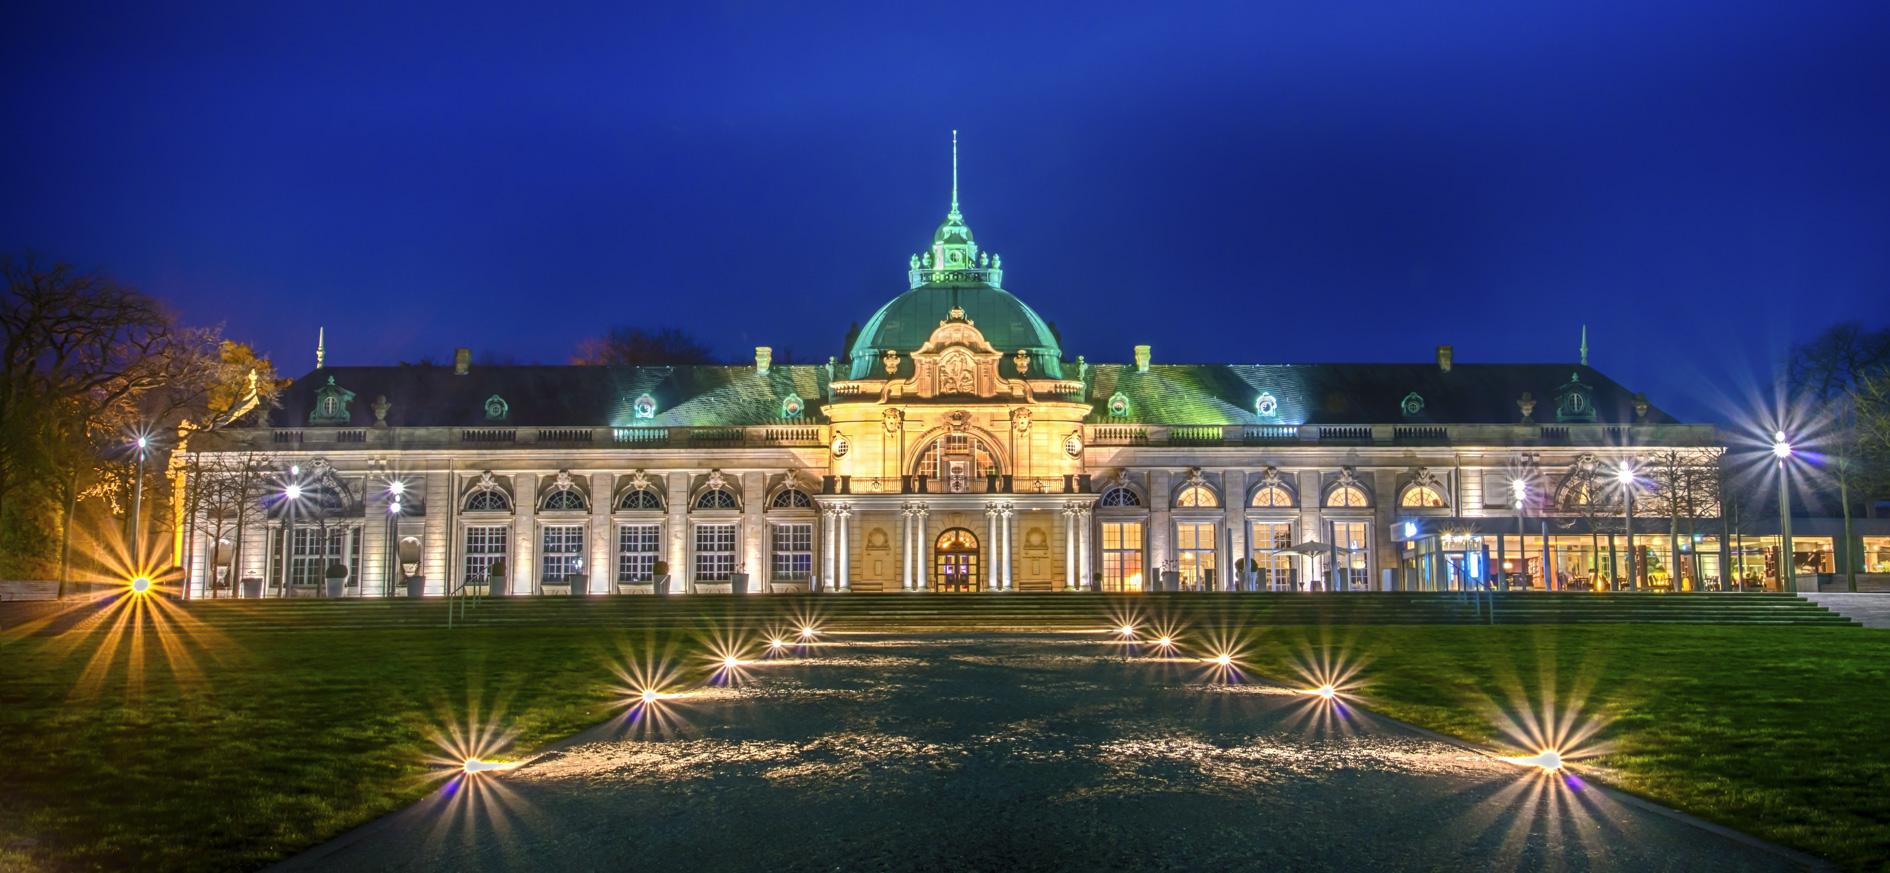 Offnungszeiten Casino Bad Oeynhausen